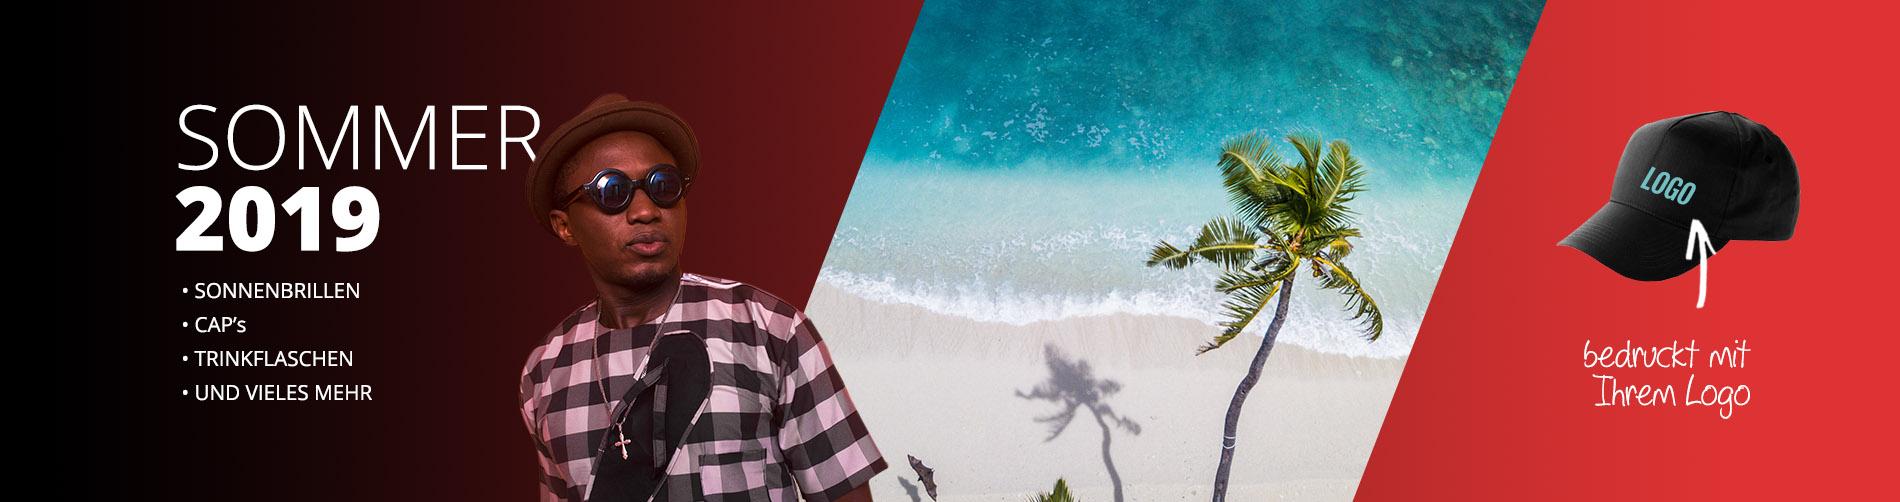 Bedruckte Werbeartikel von BizTune - Sommer 2019 - bedruckte Sonnenbrillen und vieles mehr